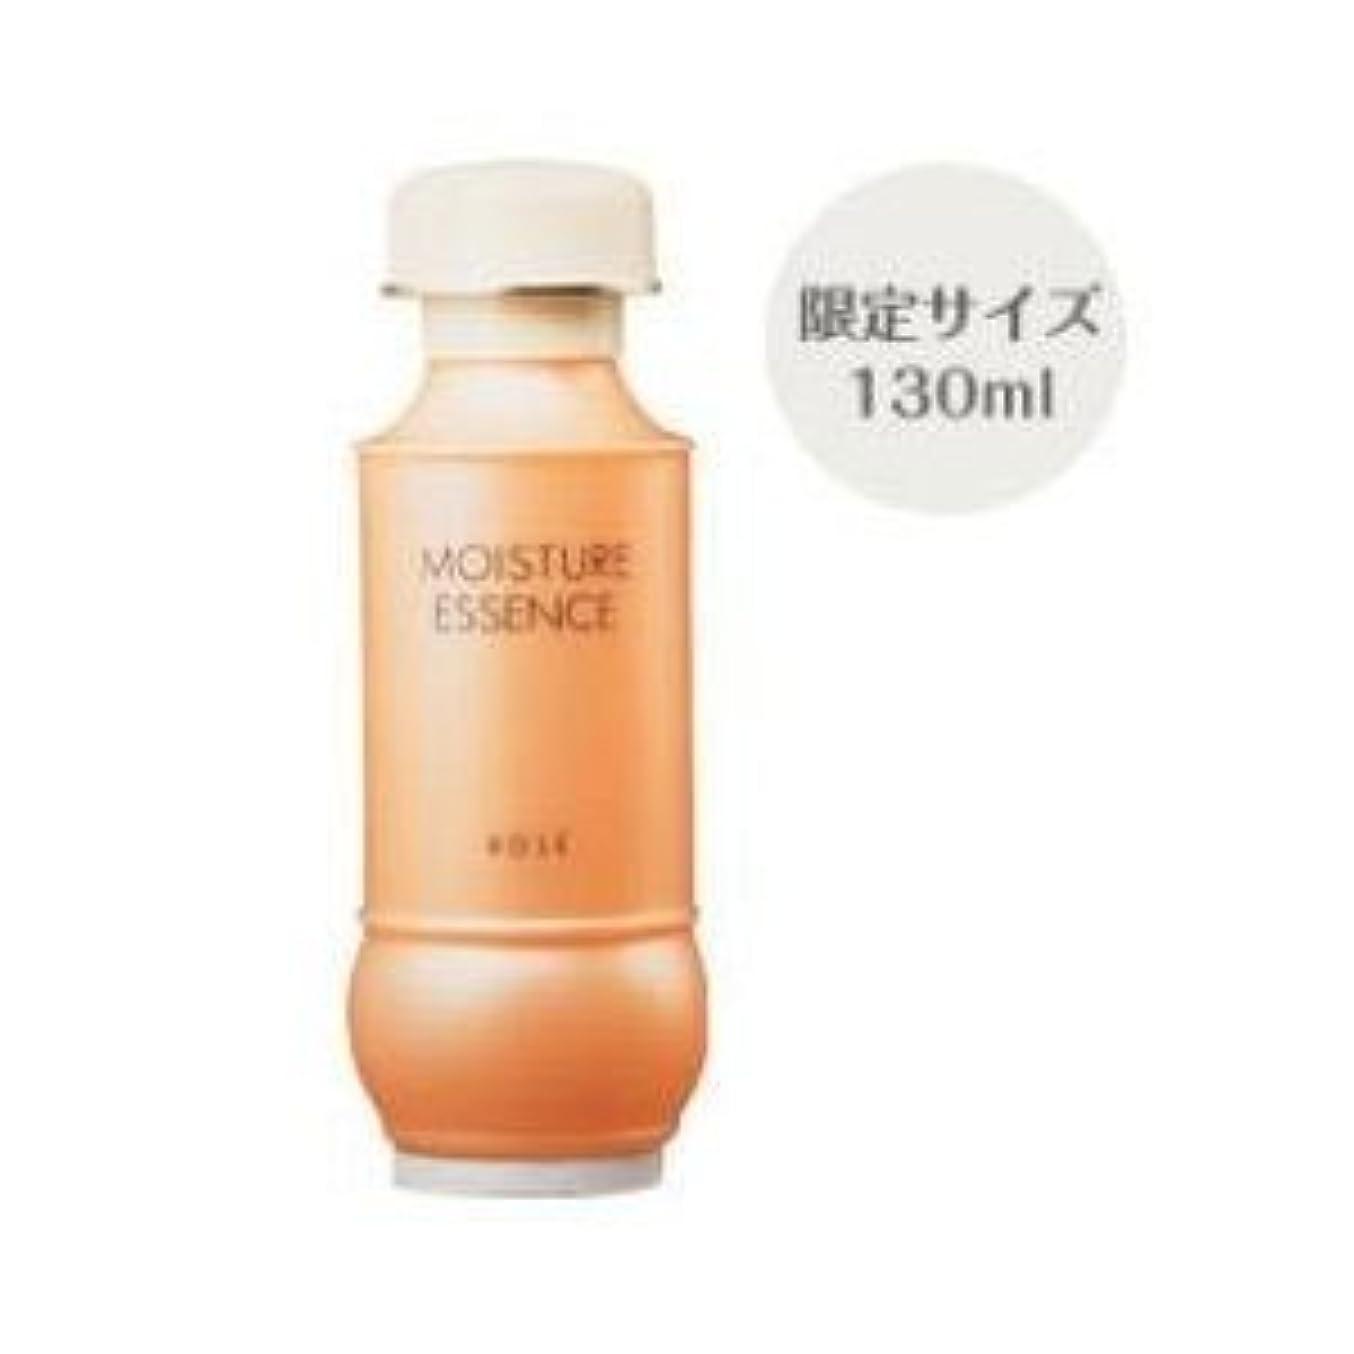 コーセーモイスチュアエッセンス F?F (無香料) 130ml 【限定増量ボトル】 2個